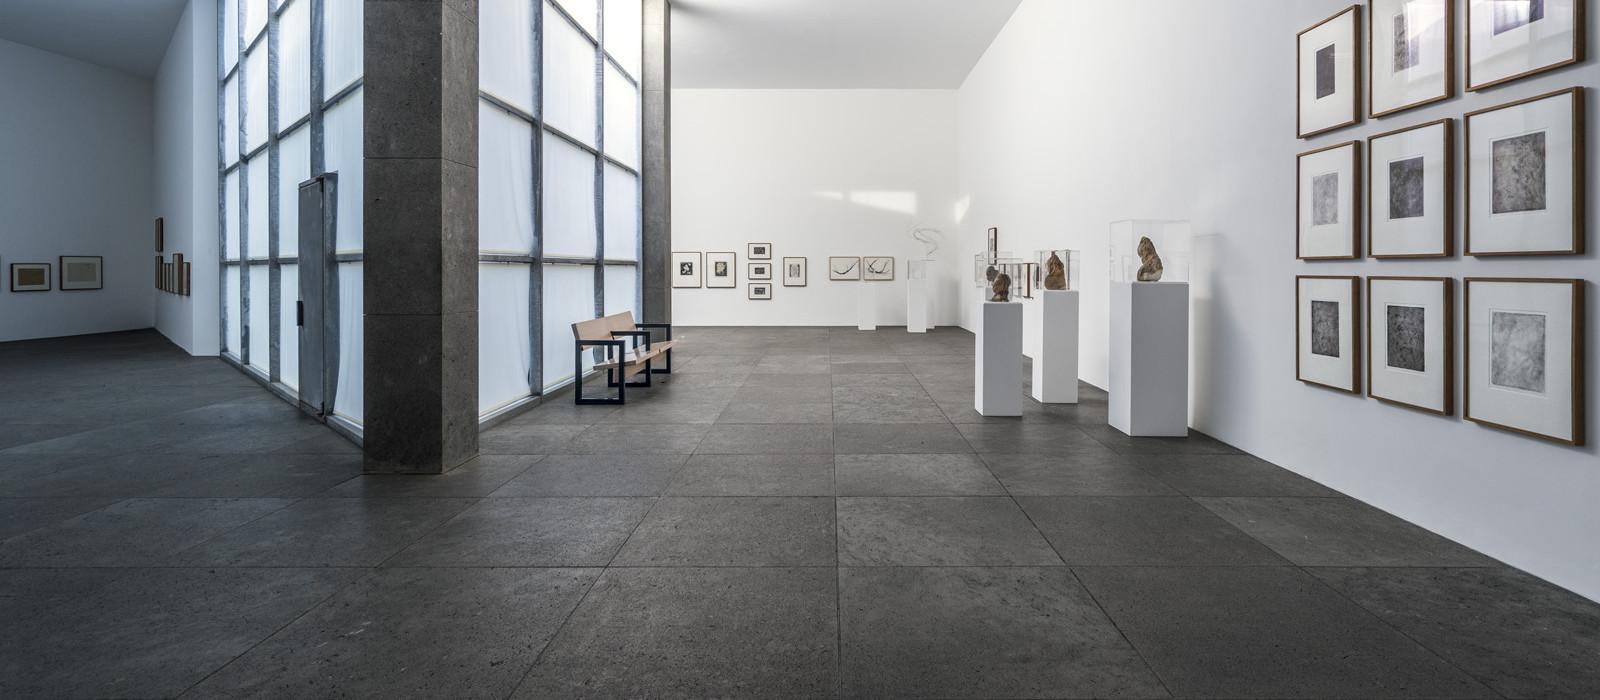 Blick in einen Ausstellungsraum der Stiftung Insel Hombroich